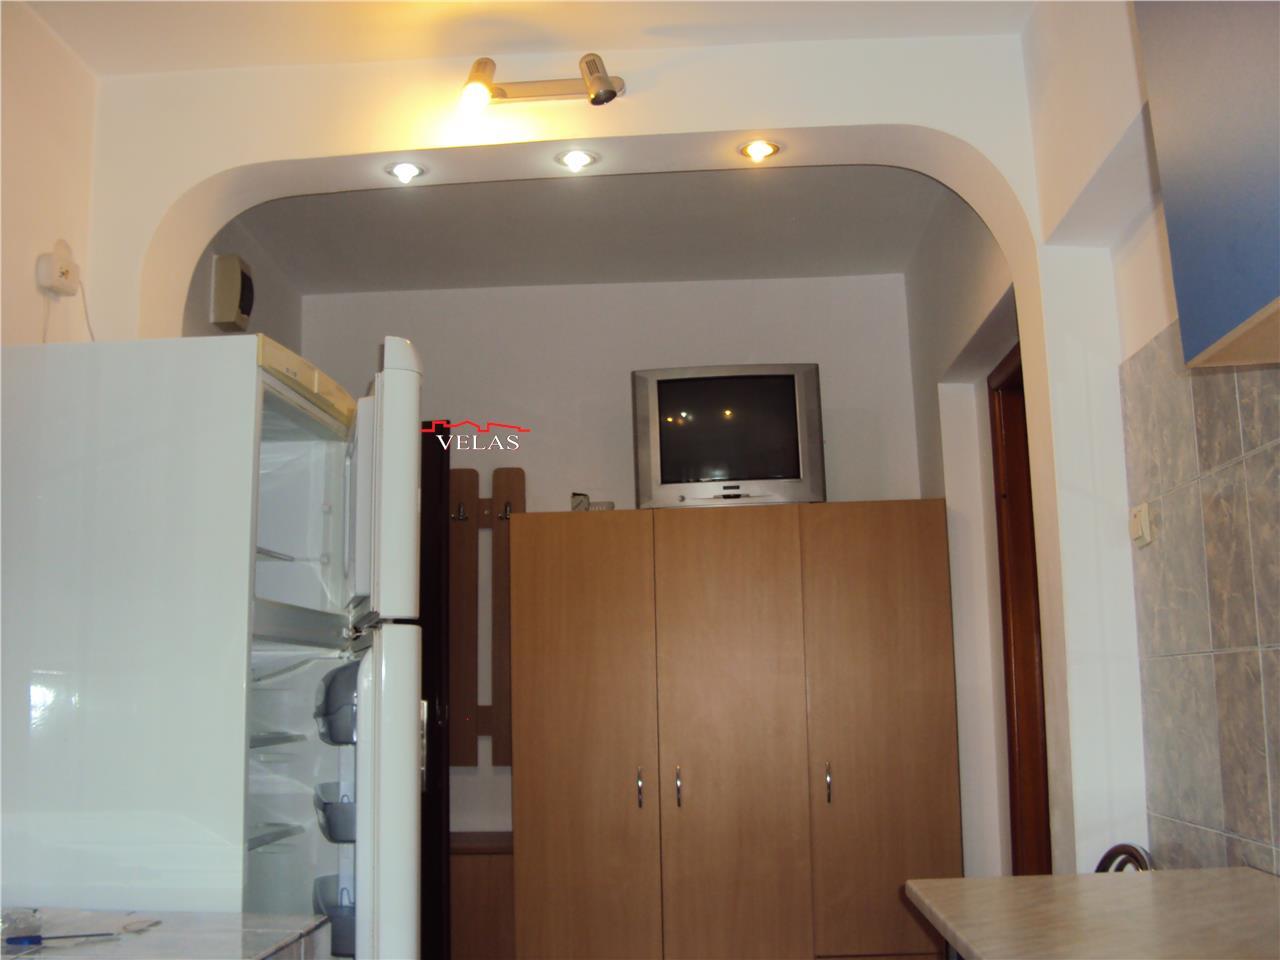 Apartament 2 camere, et 3, Gara, CT, mobilat si utilat